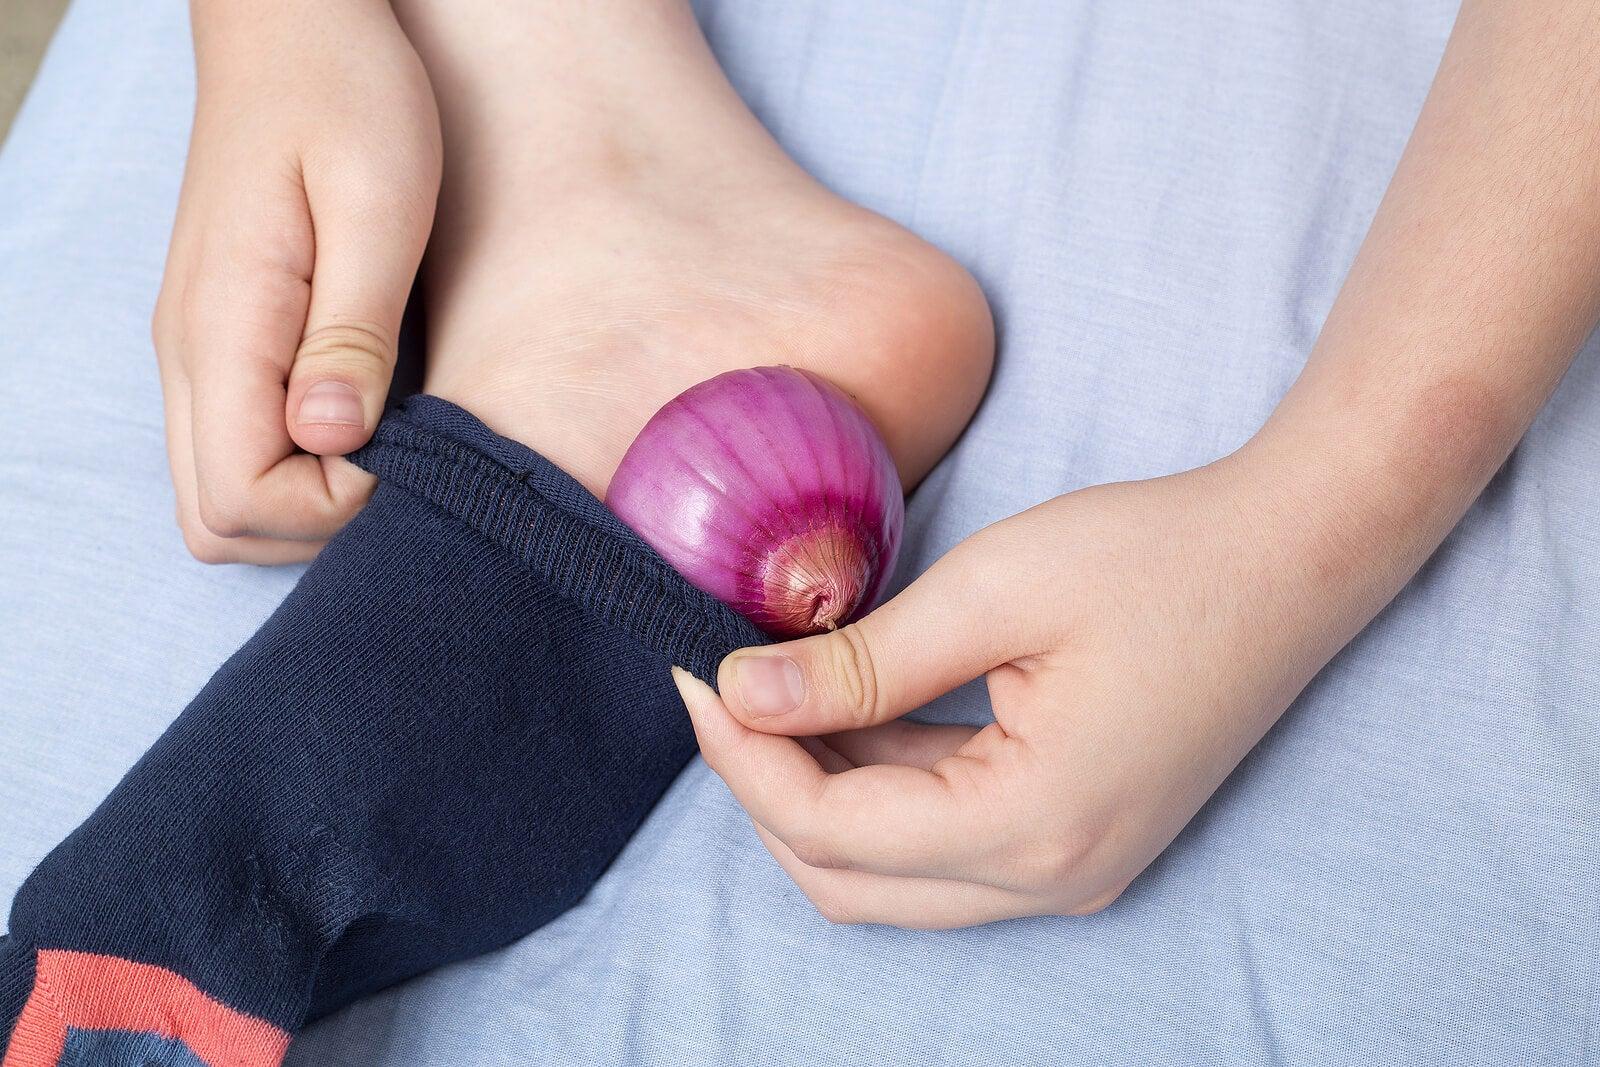 El mejor remedio para los callos de los pies: cebolla y vinagre blanco